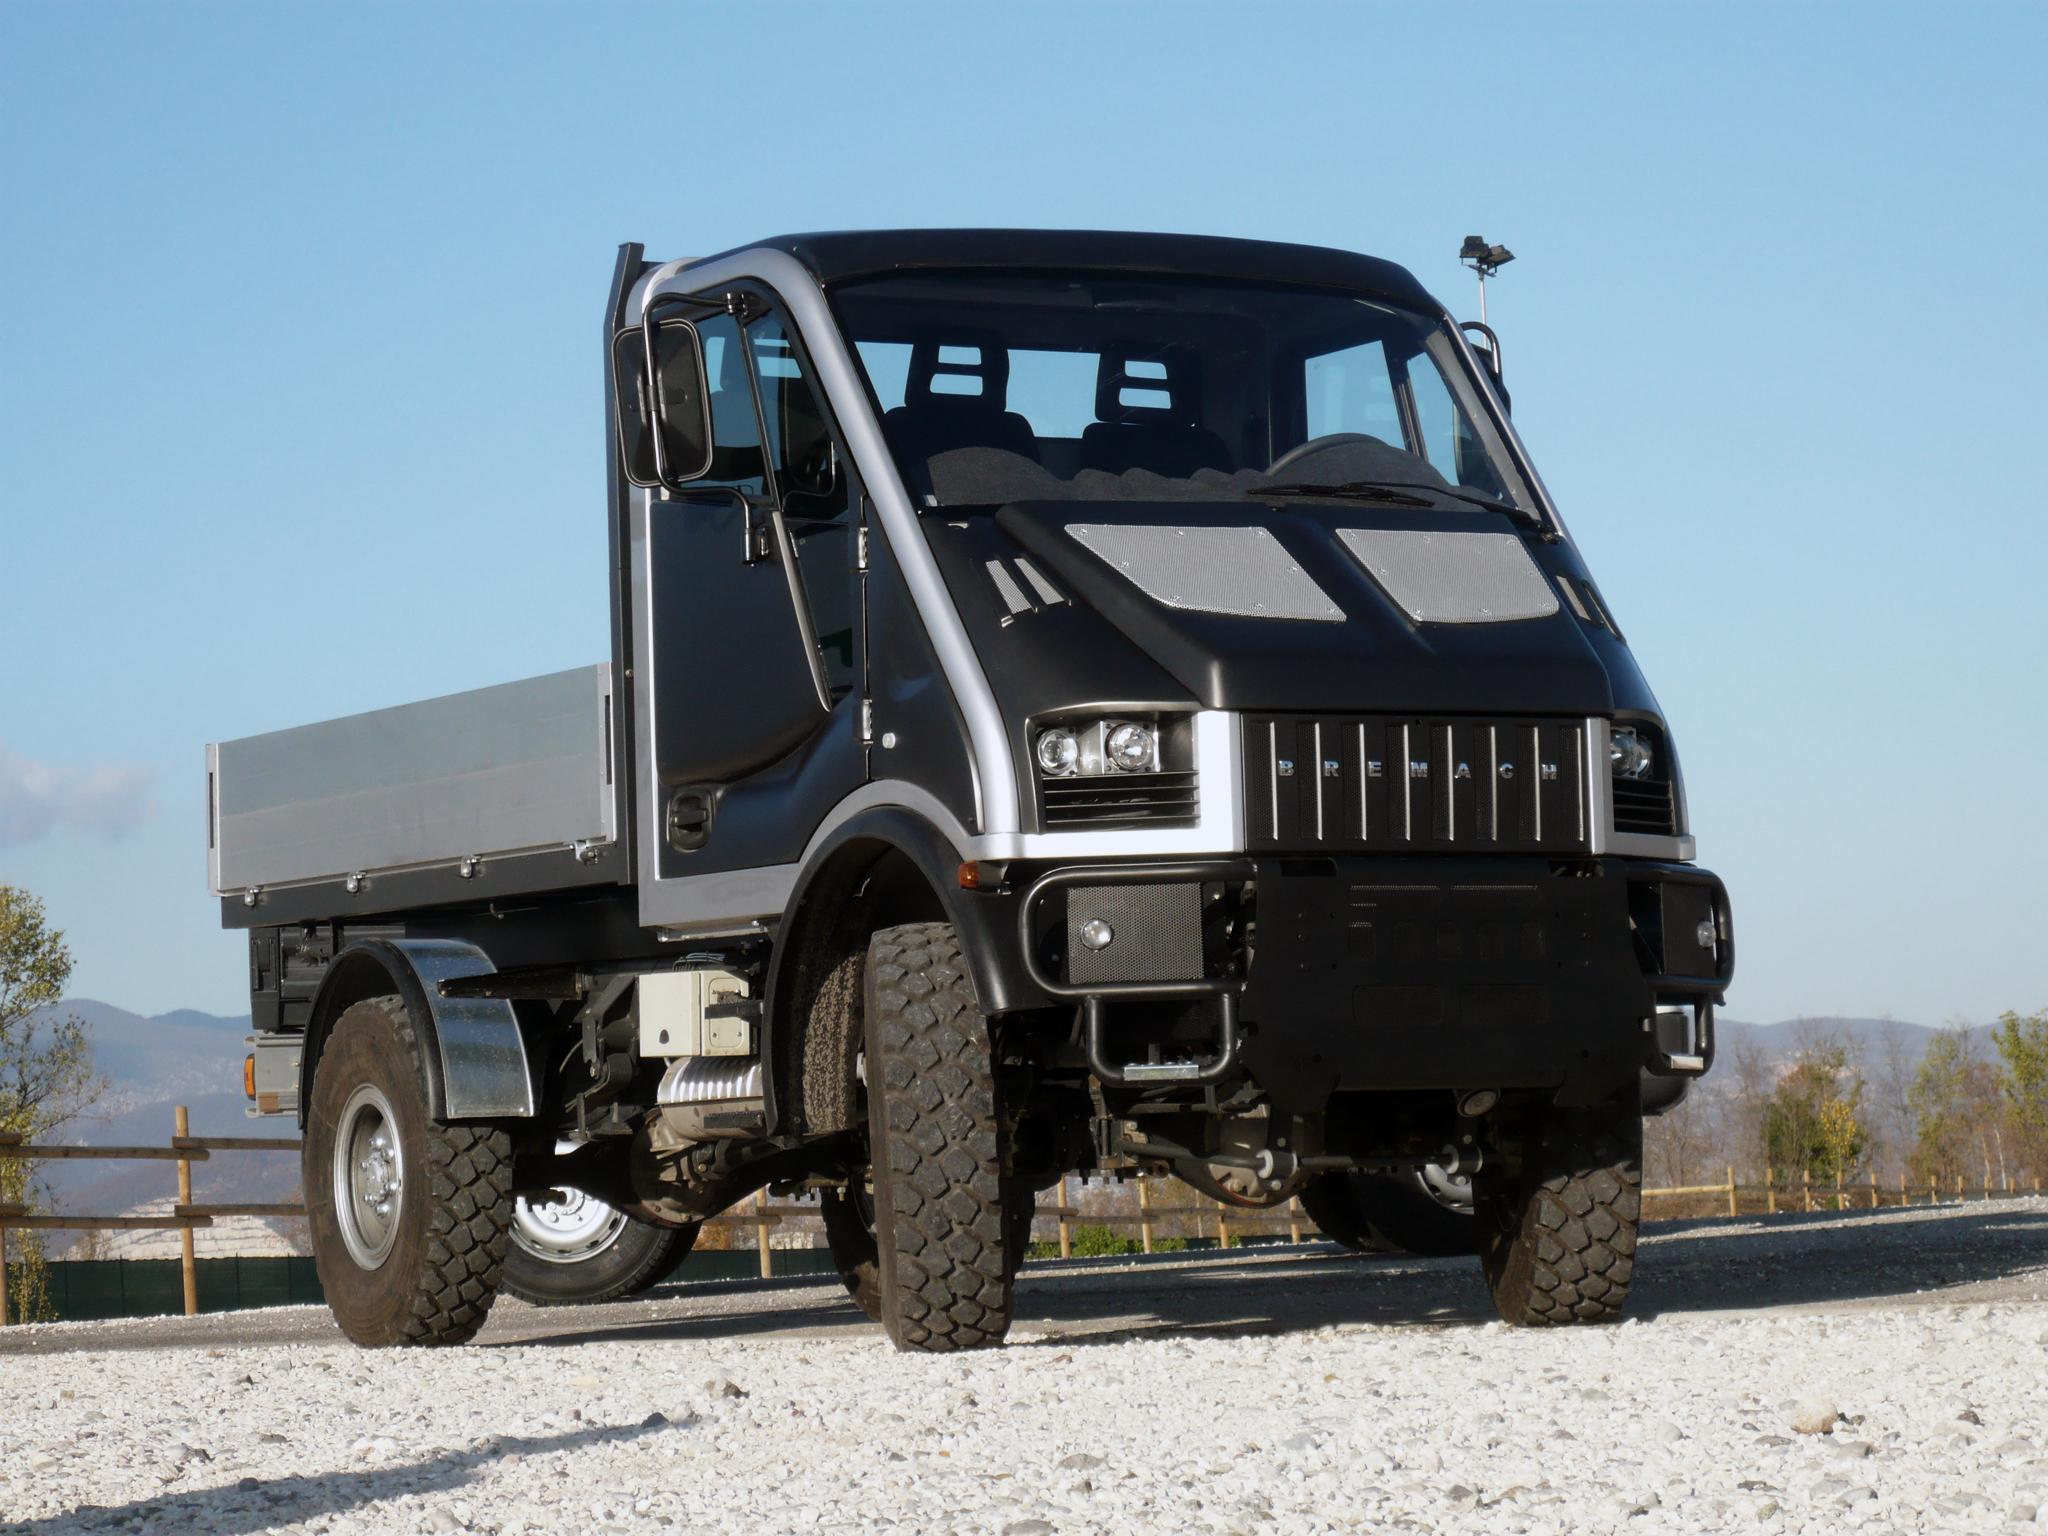 2007 bremach t rex prototype 4x4 semi tractor wallpaper for Bremach 4x4 usato